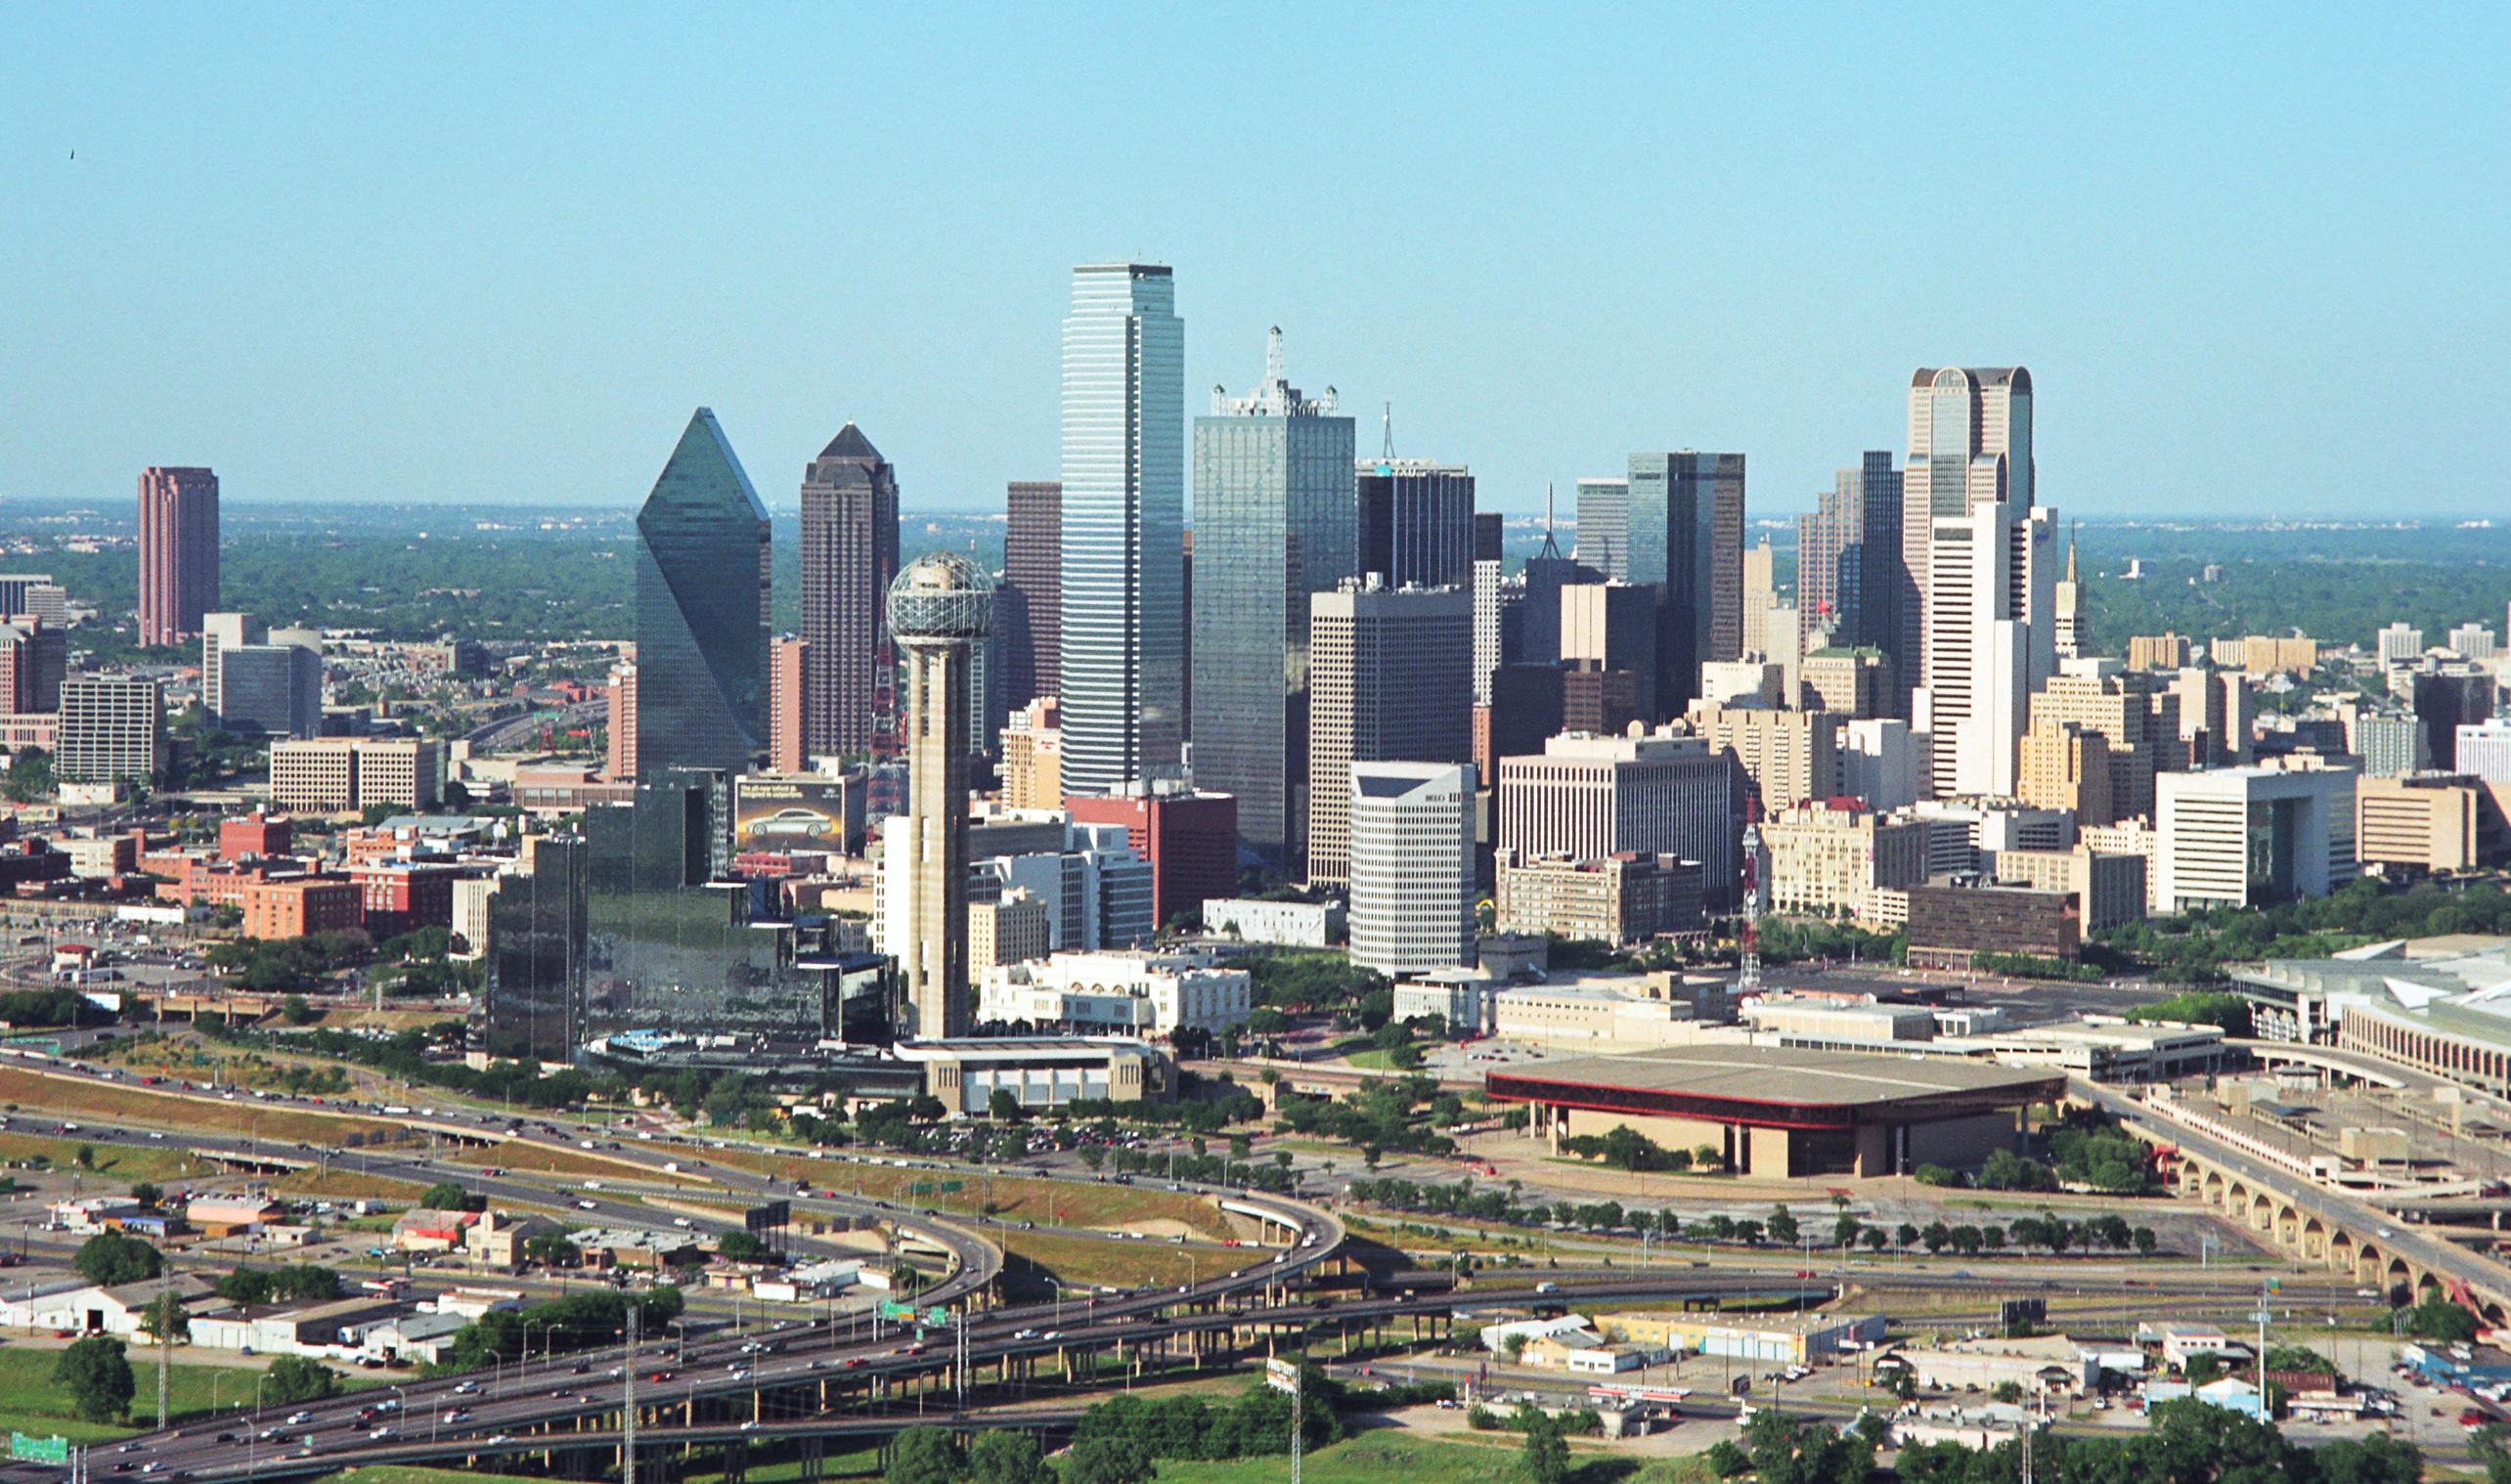 Dallas Hakkında Bilinmesi Gerekenler